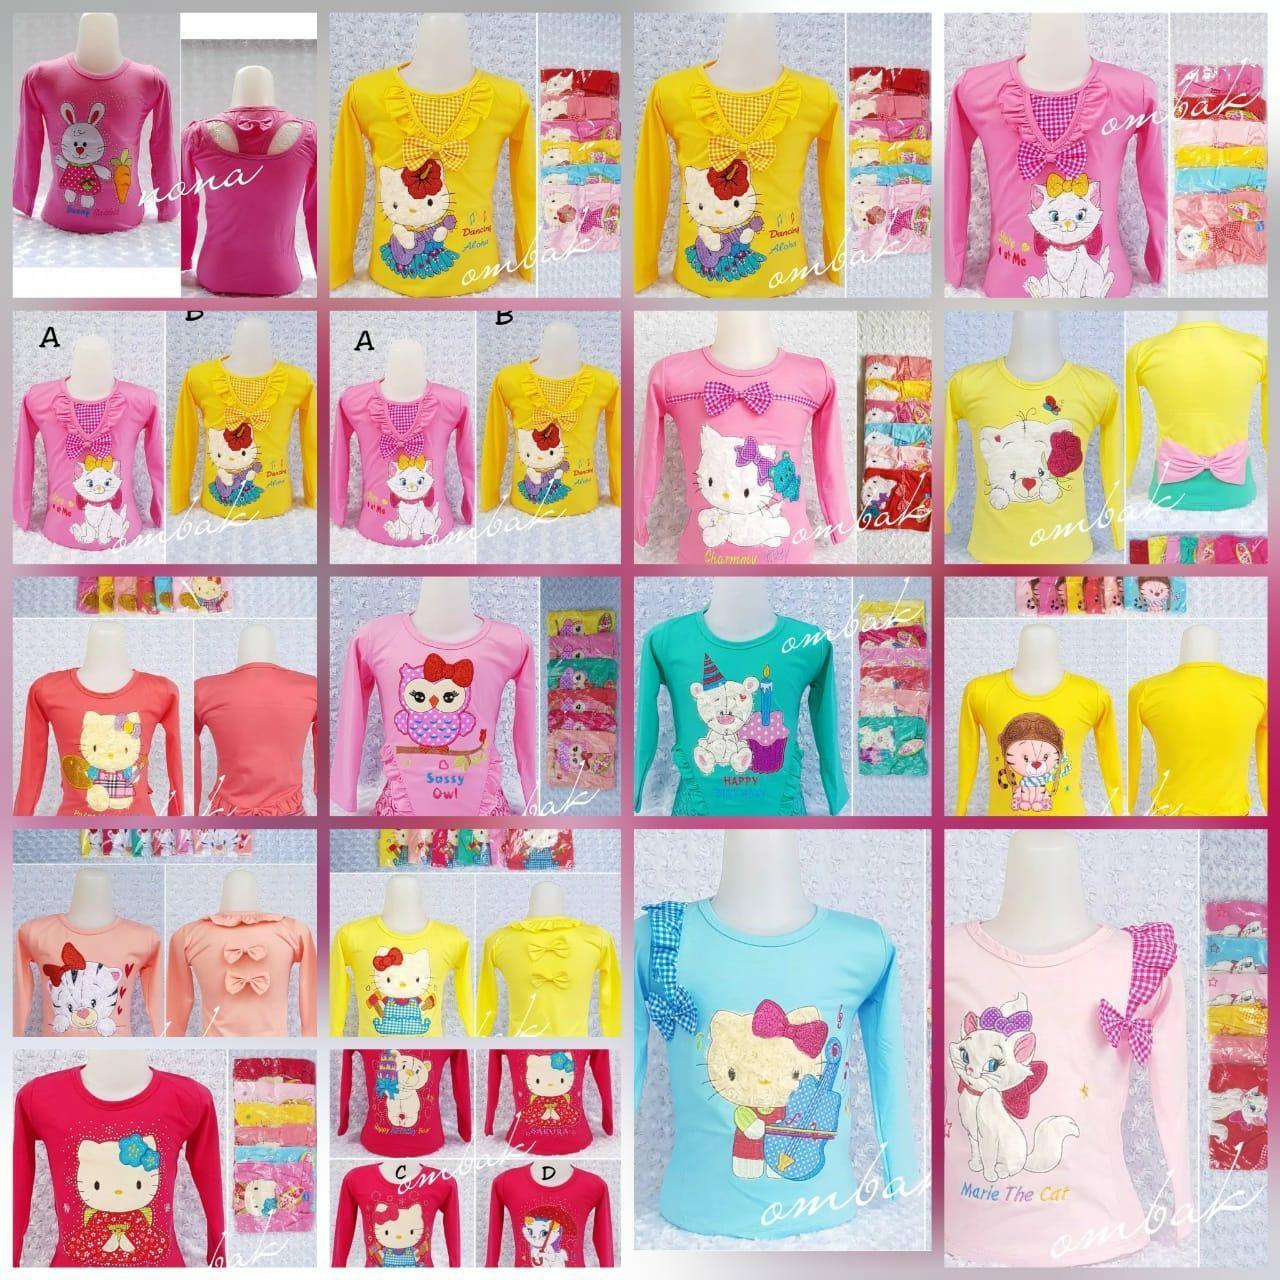 Baju Anak Tangan Panjang Kaos Grosir Kartun Ukuran Lengkap 1-8 Tahun Motif Randon